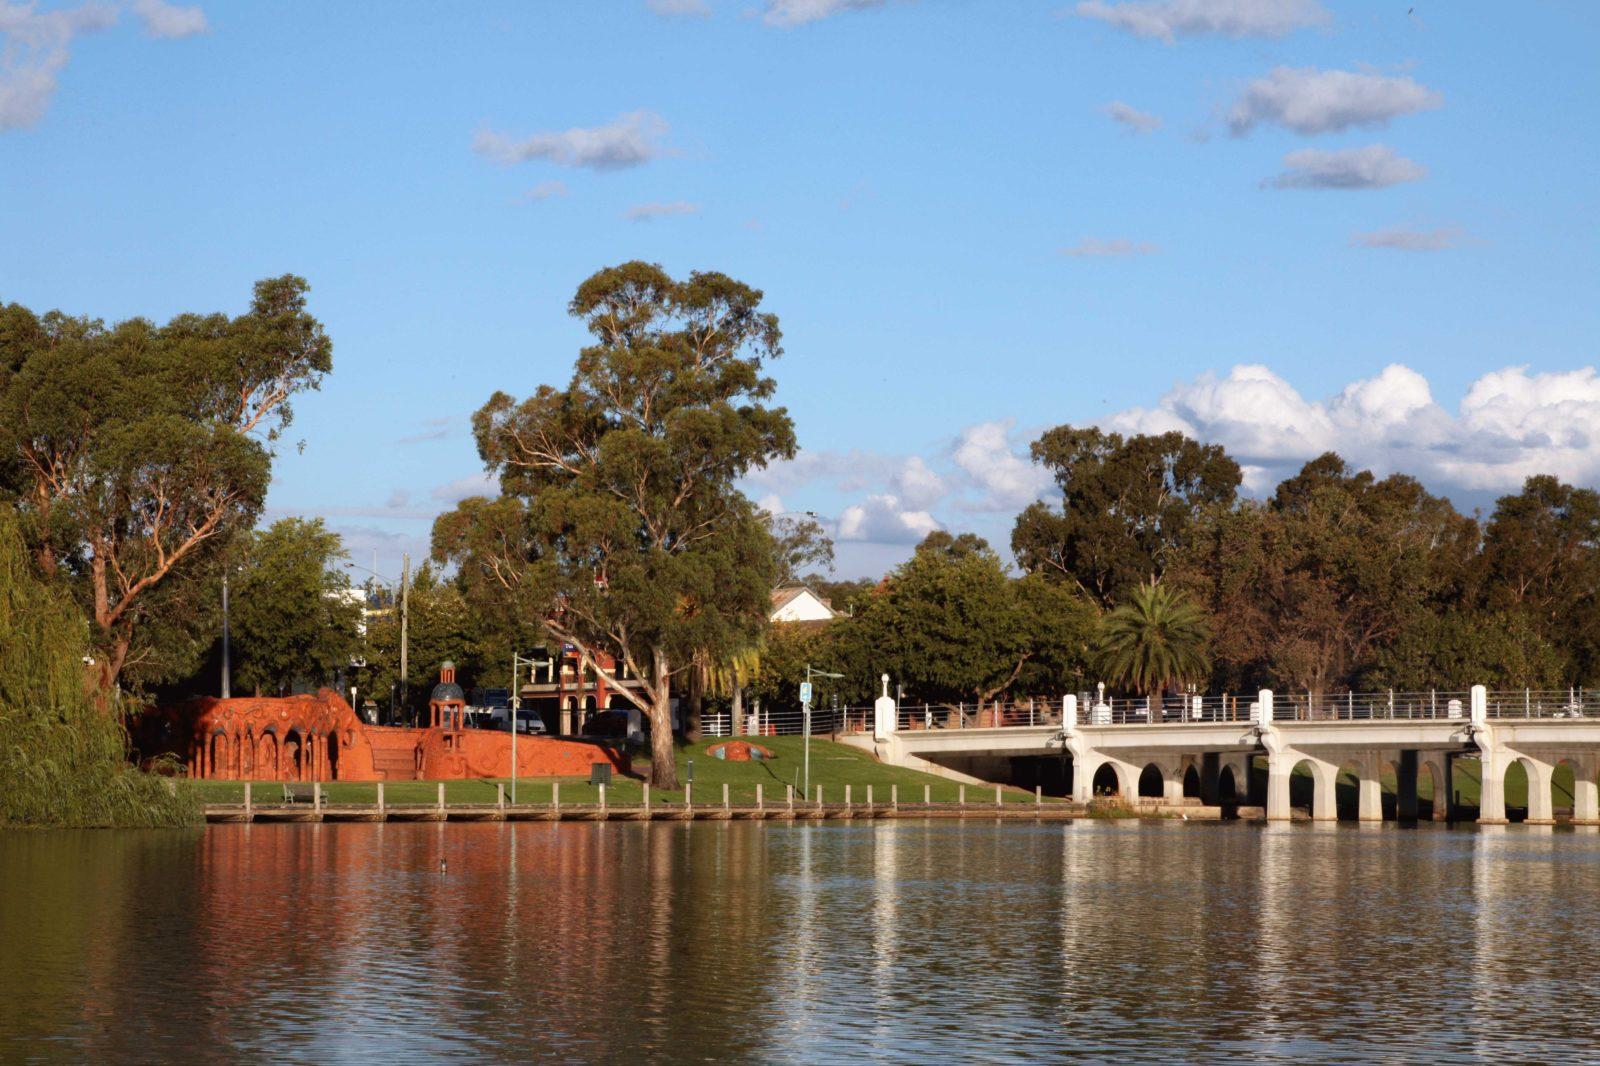 Lake Benalla